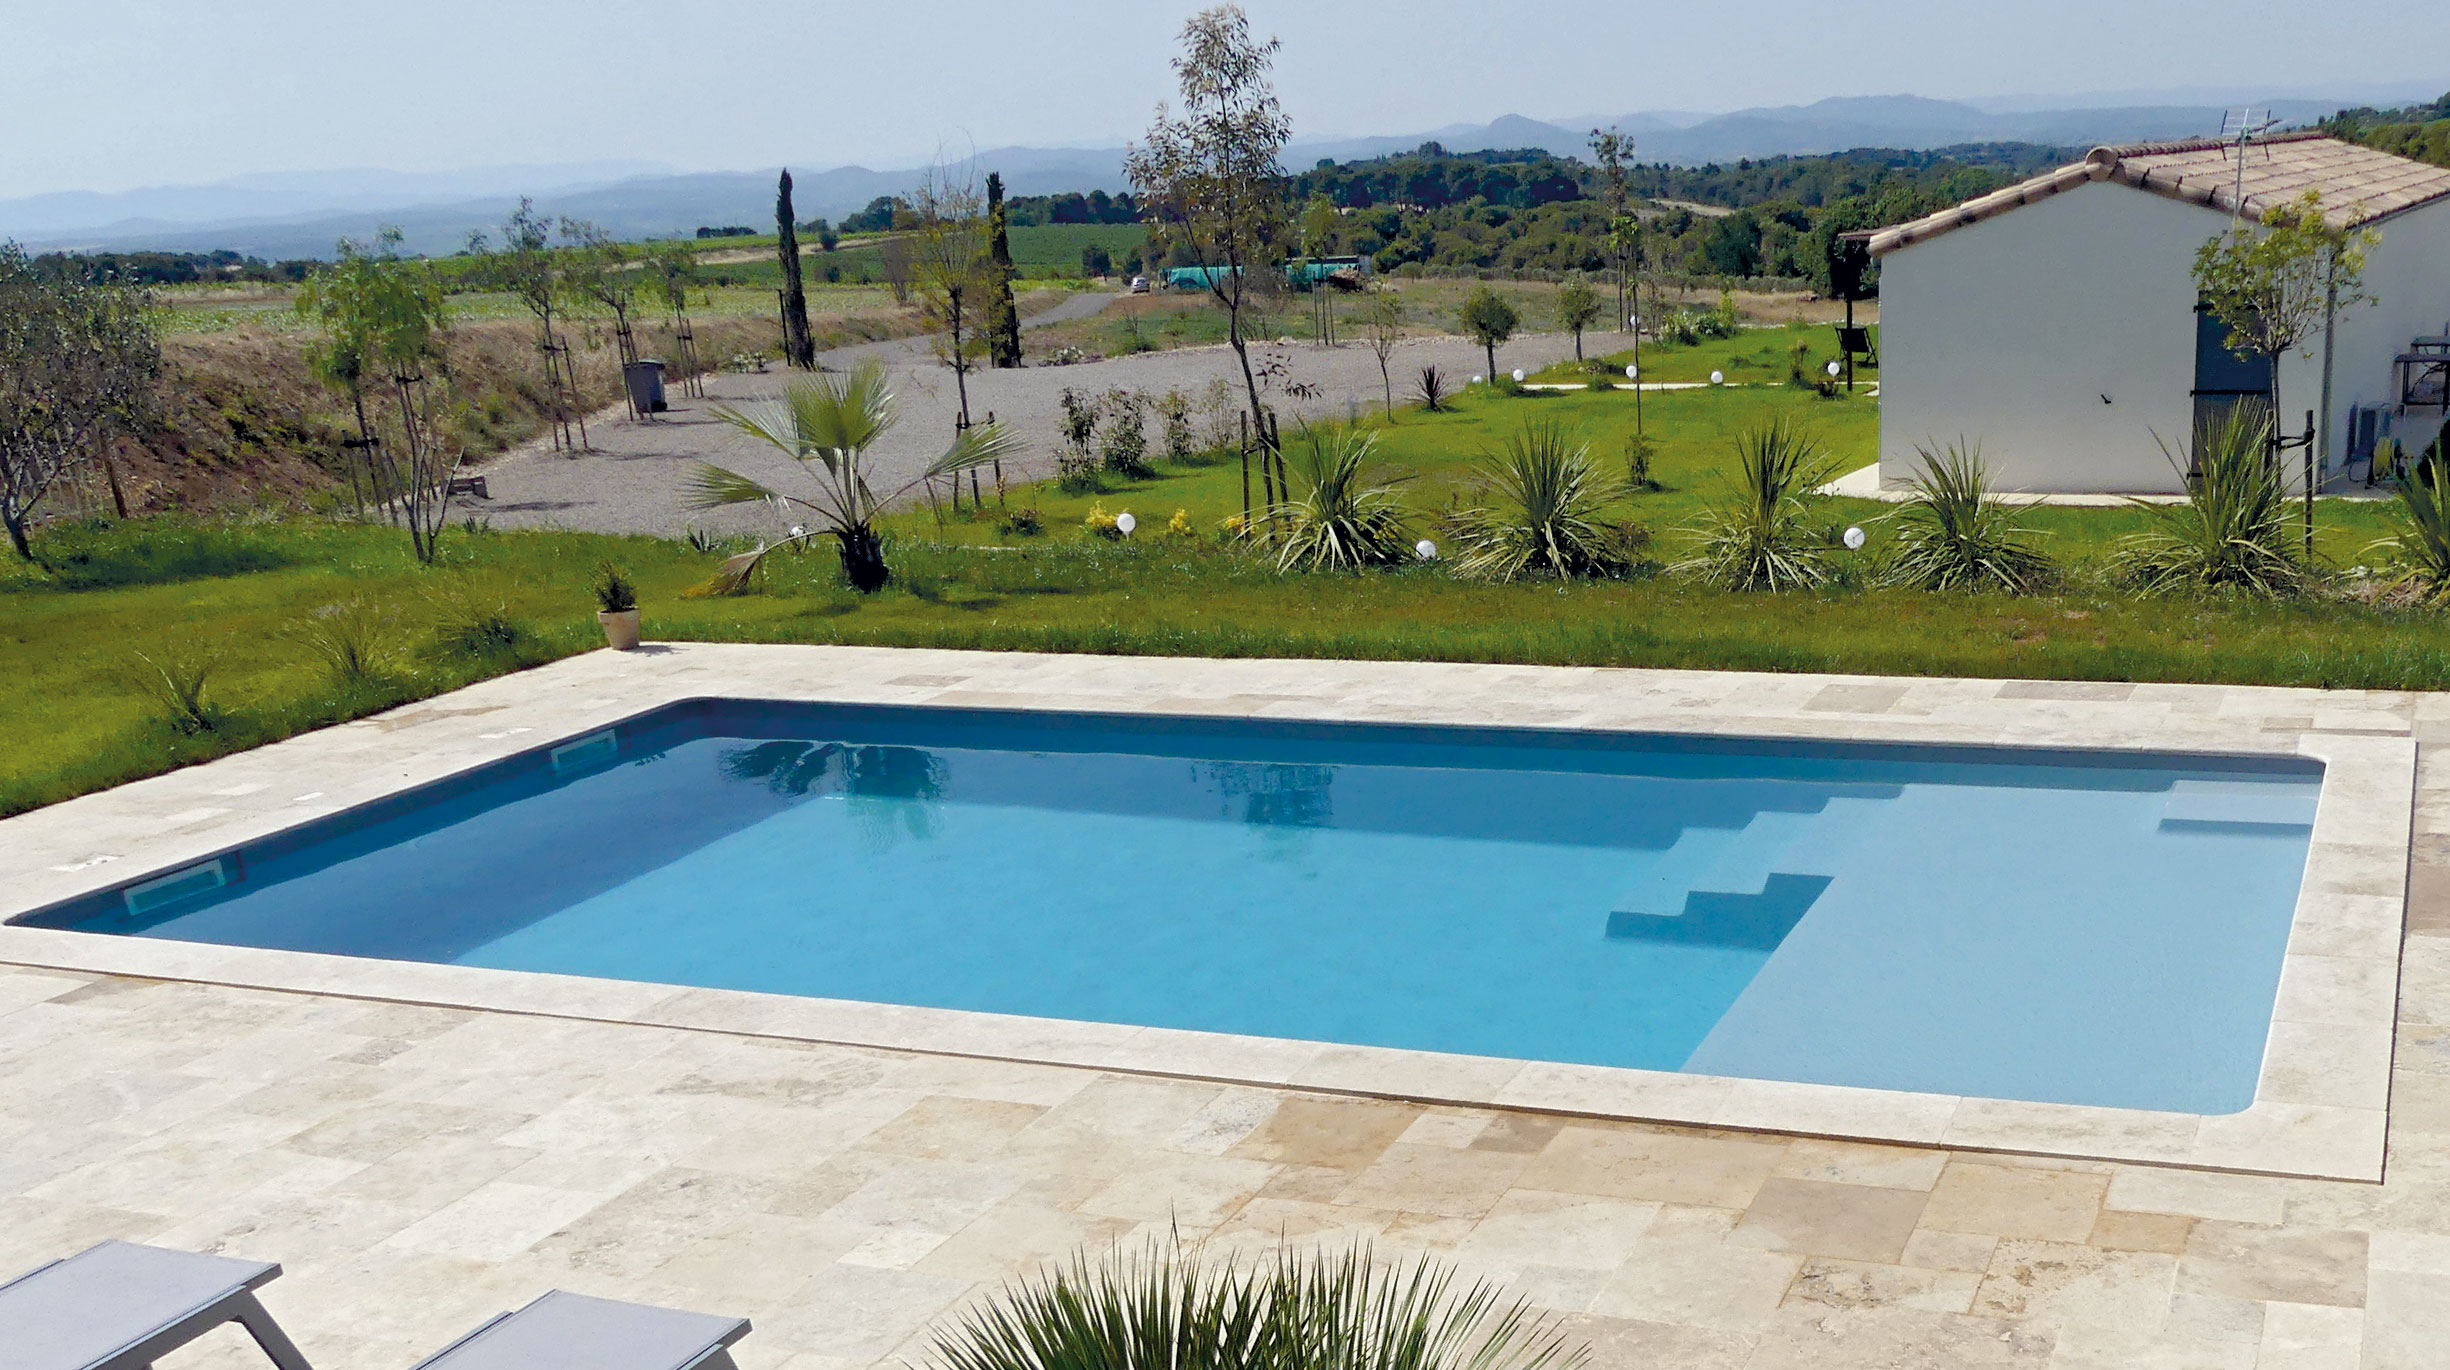 modele-plage-ambiance 4 bonnes raisons d'opter pour une piscine à coque